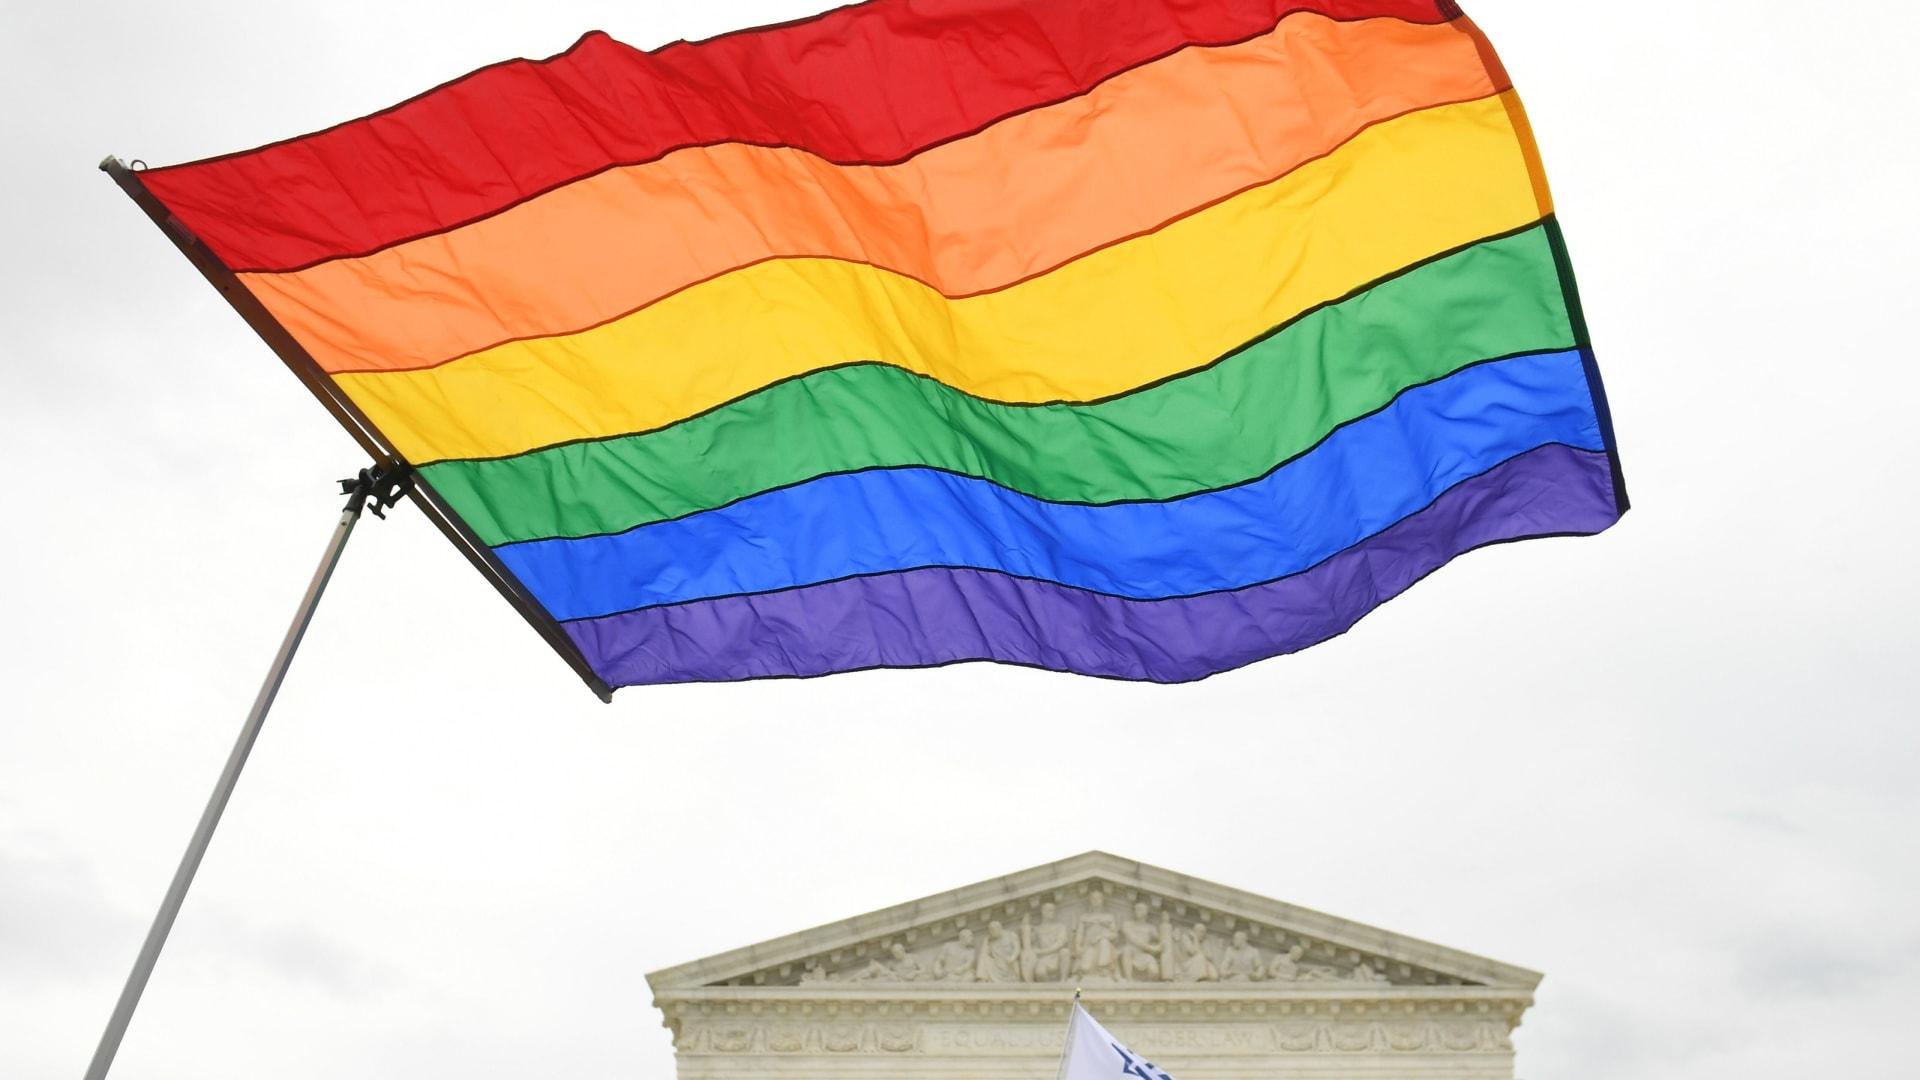 إدارة ترامب تتراجع عن حظر التمييز في الرعاية الصحية للمتحولين جنسيًا